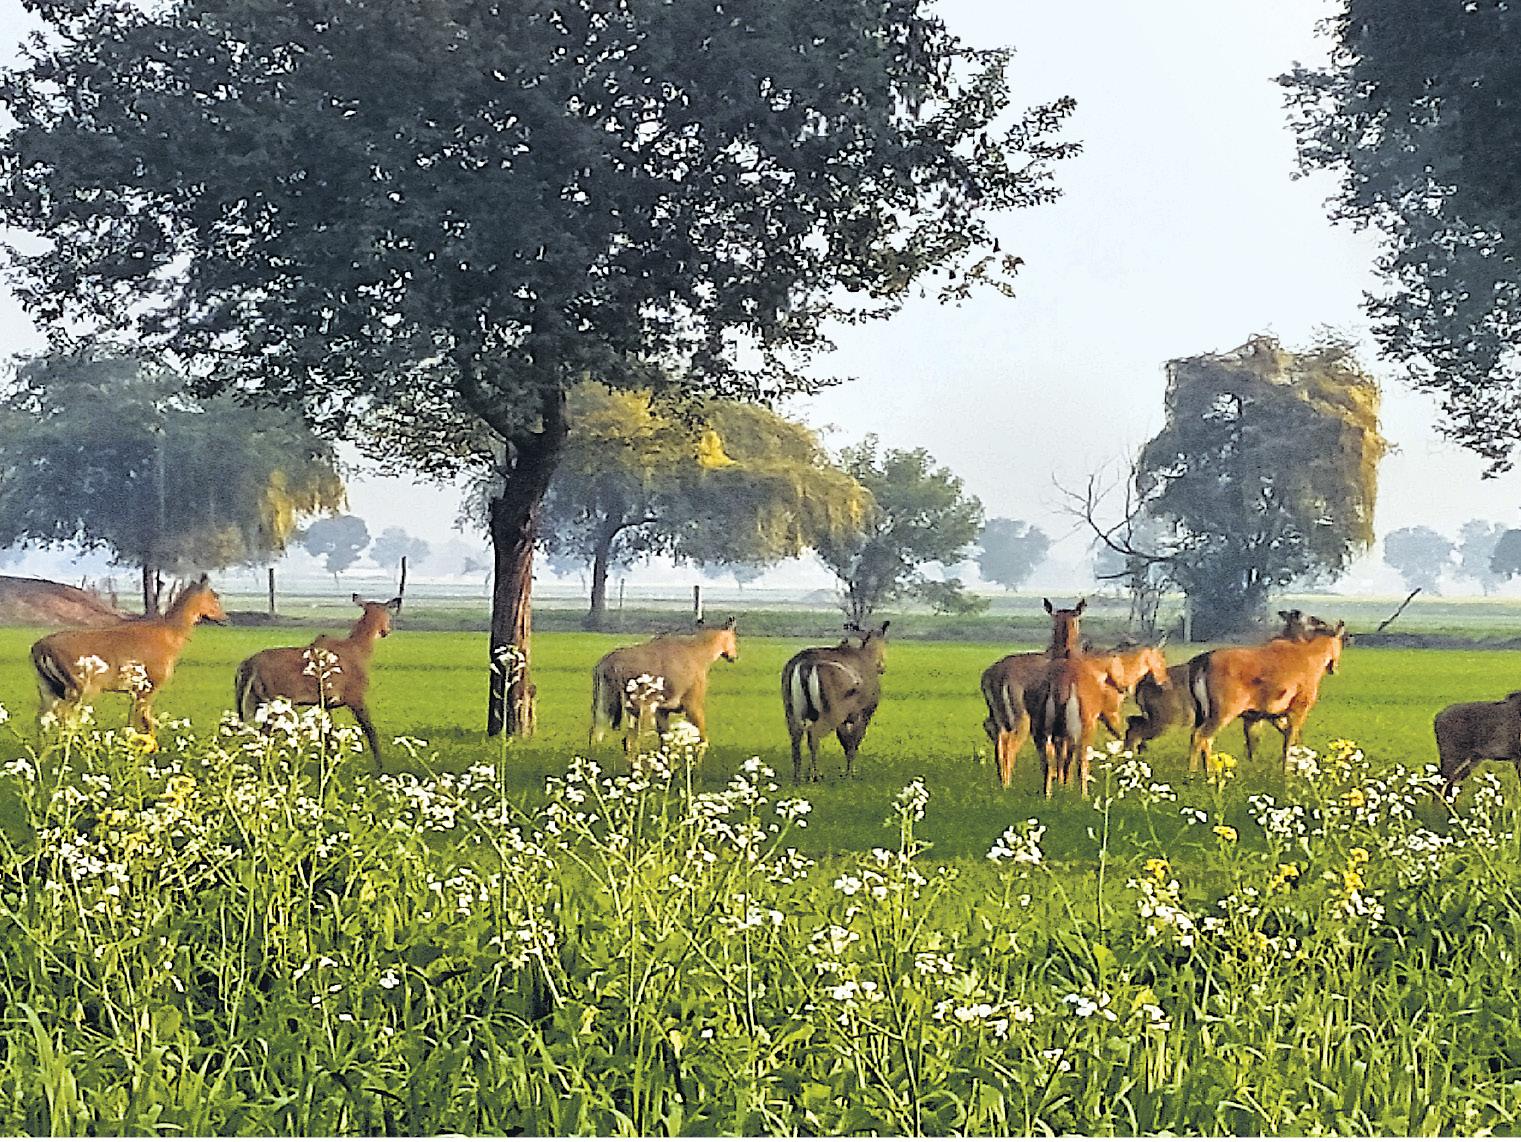 राजस्थान के श्रीगंगानगर में सुबह के समय खेतों में घूमती नील गायें।